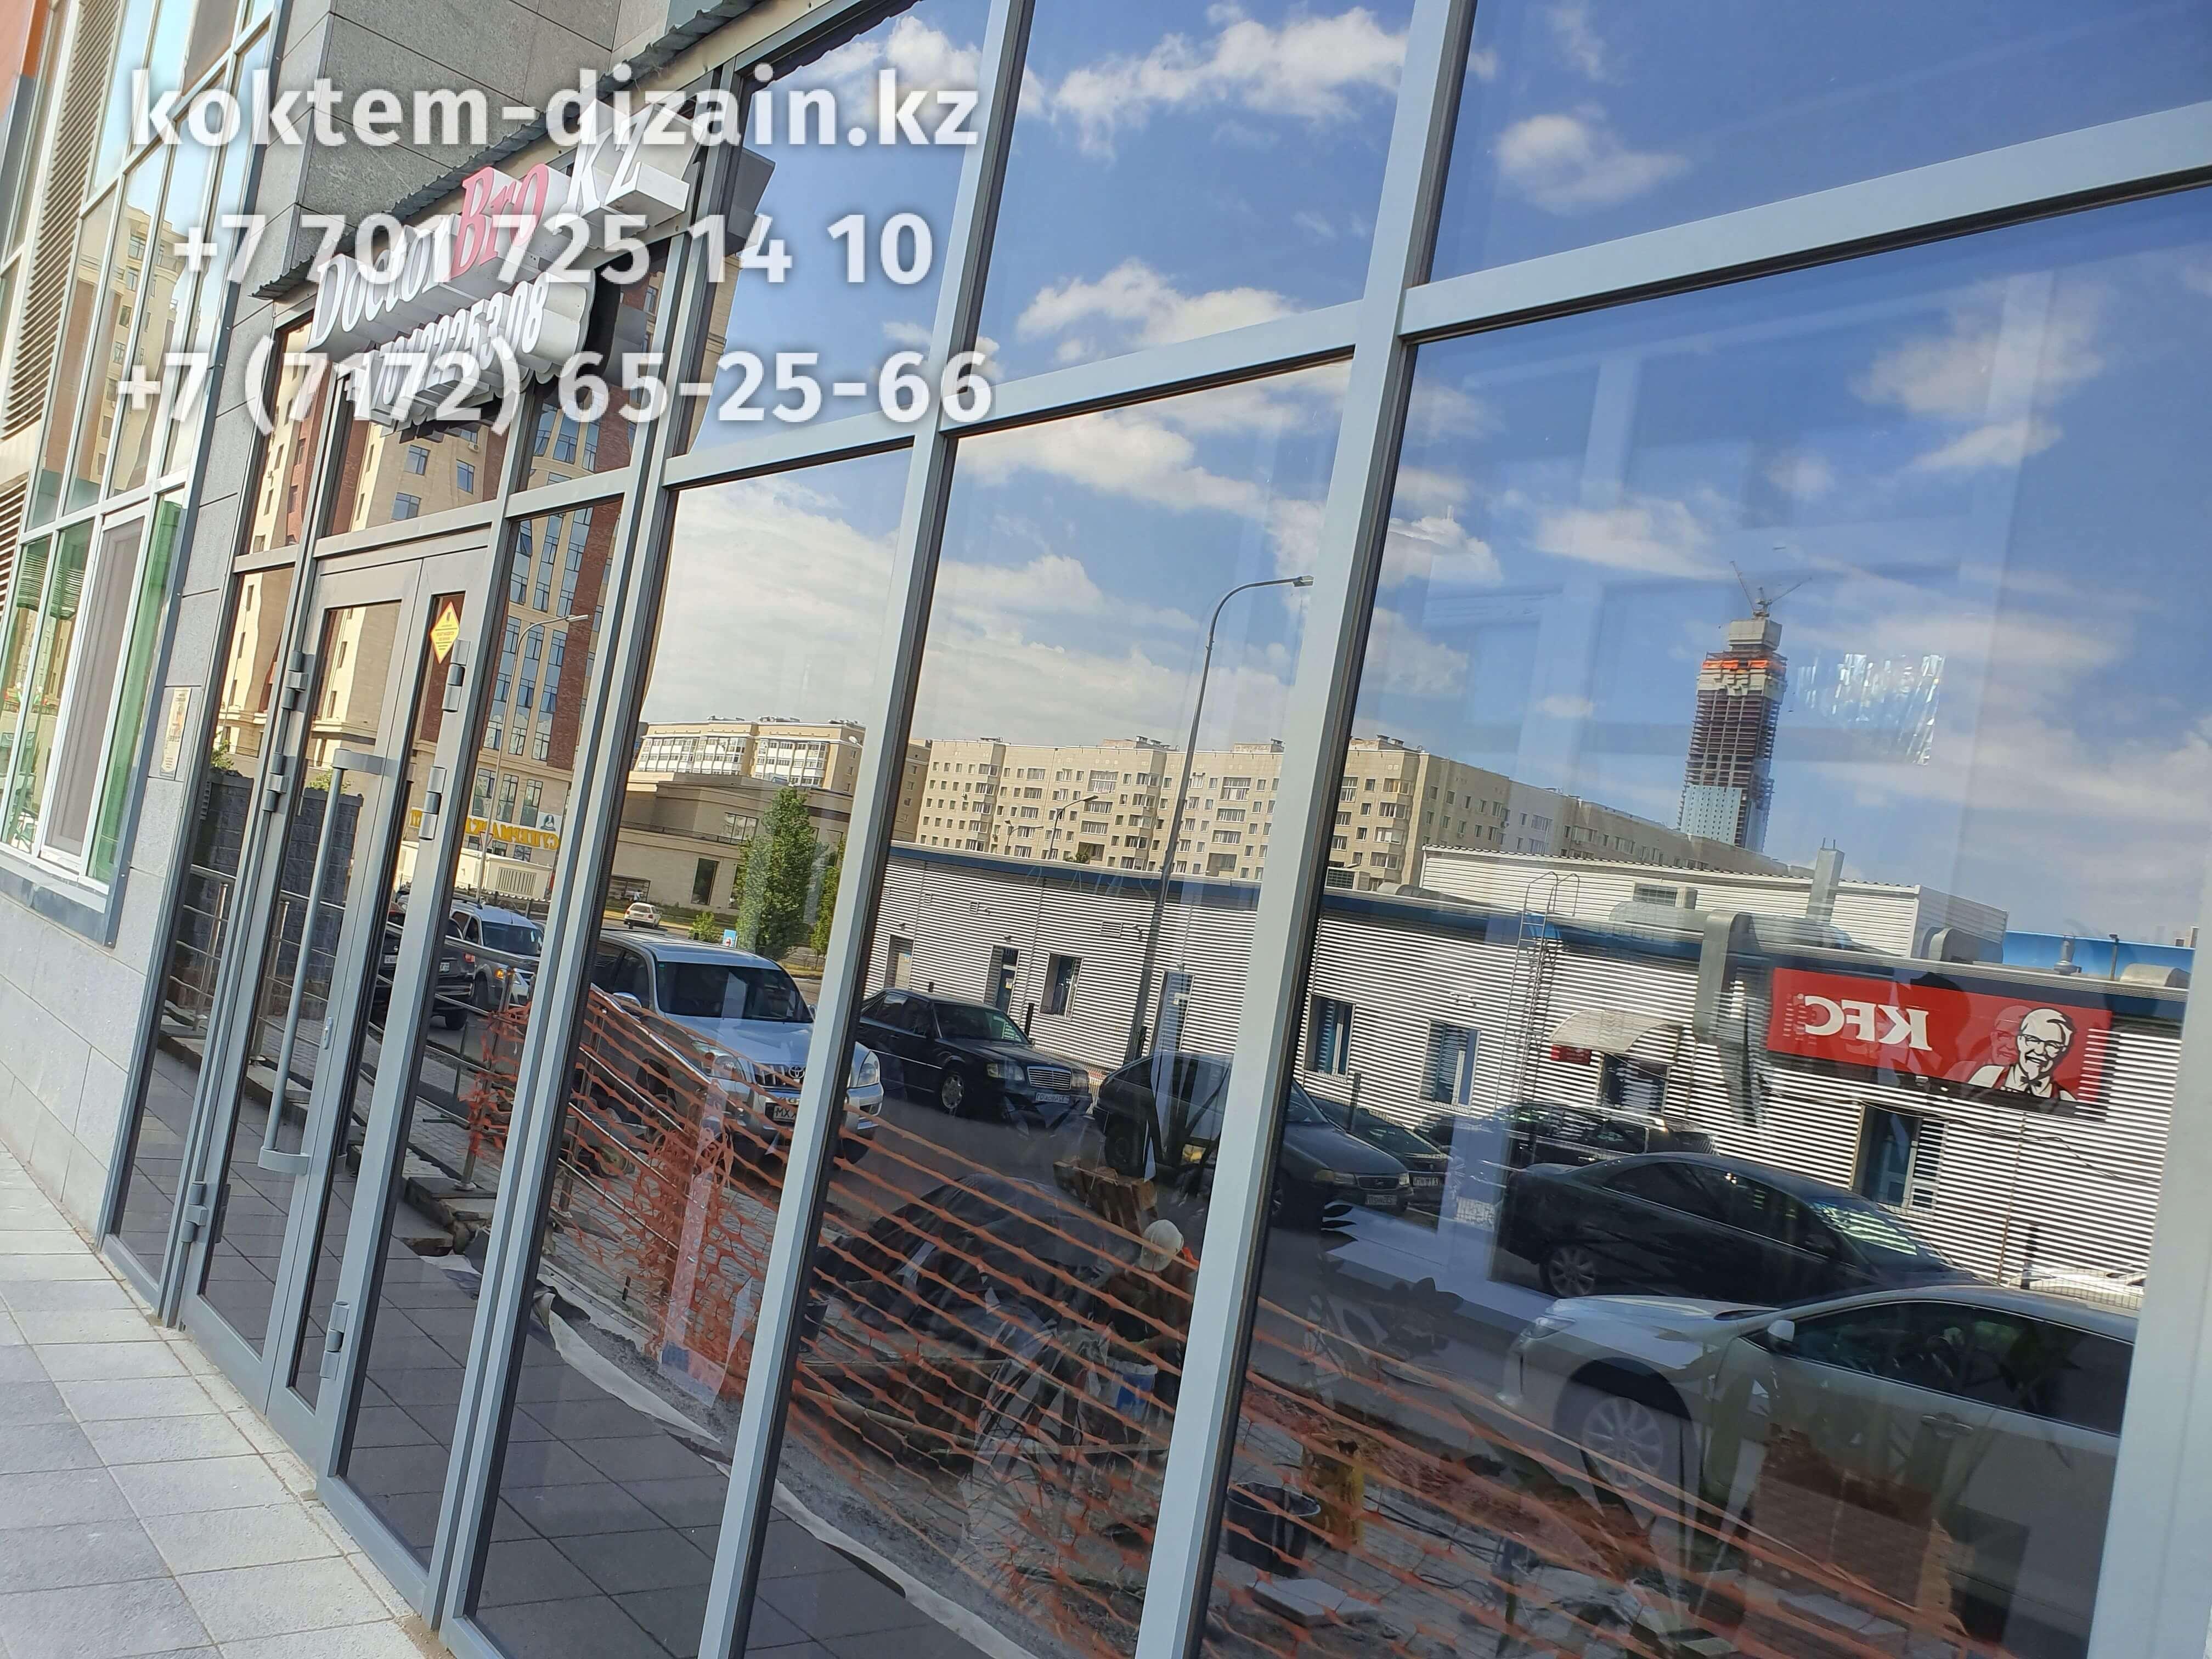 Остекление фасадов - фото с сайта Коктем Дизайн